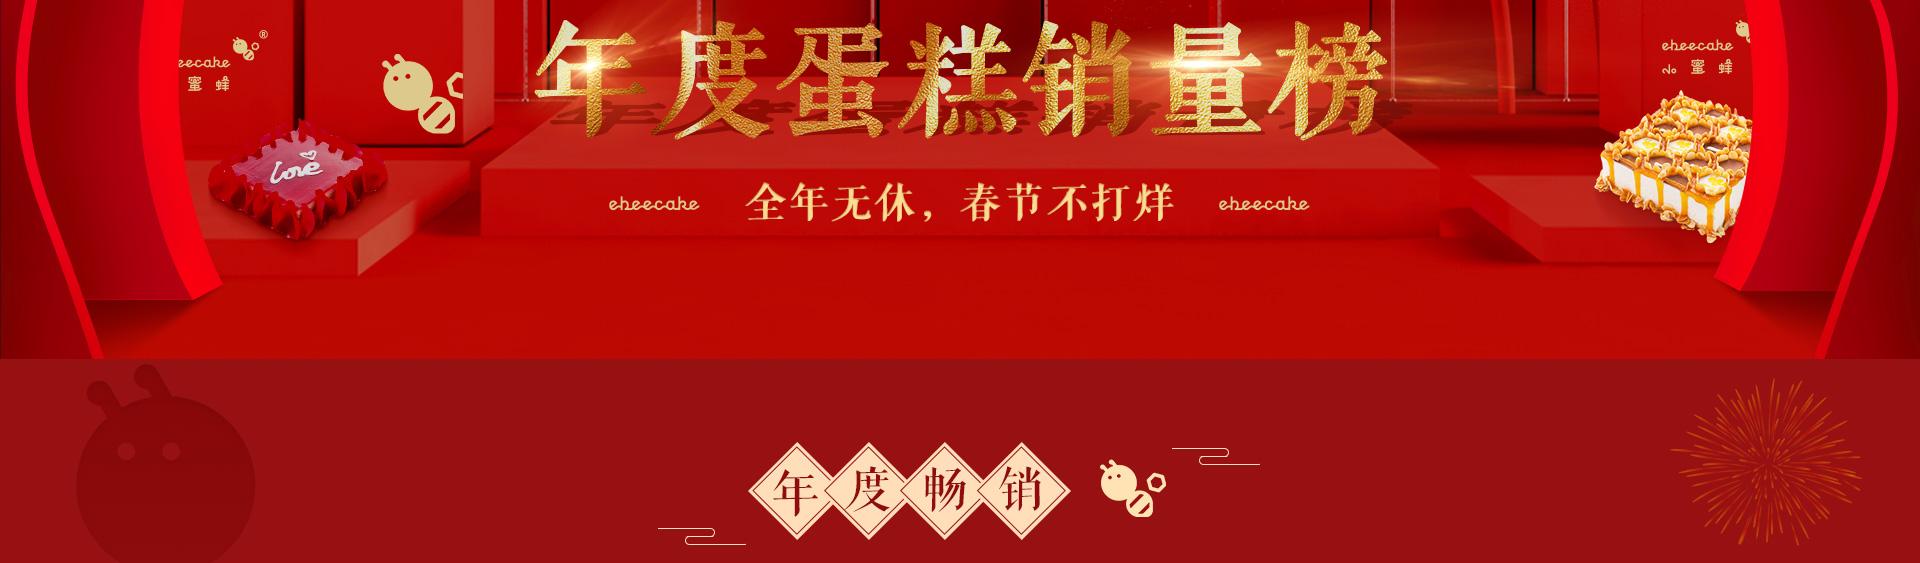 全年无休,春节不打烊